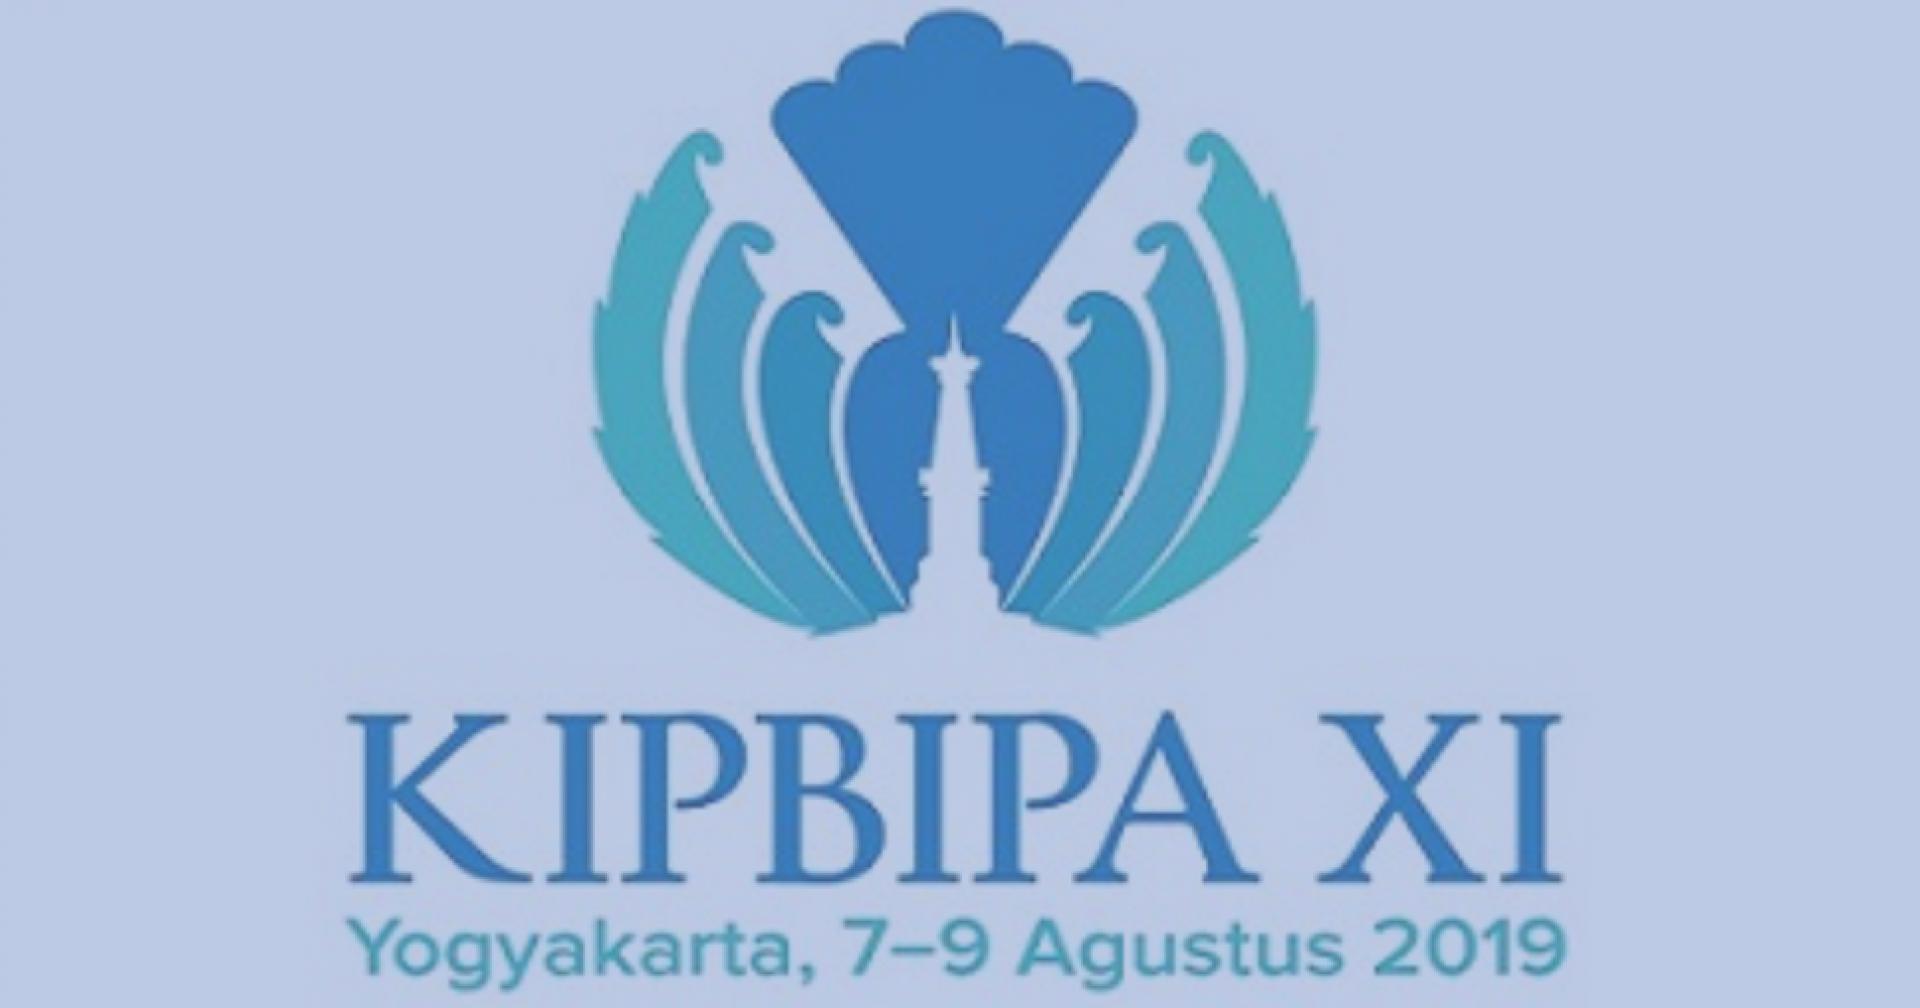 KIPBIPA